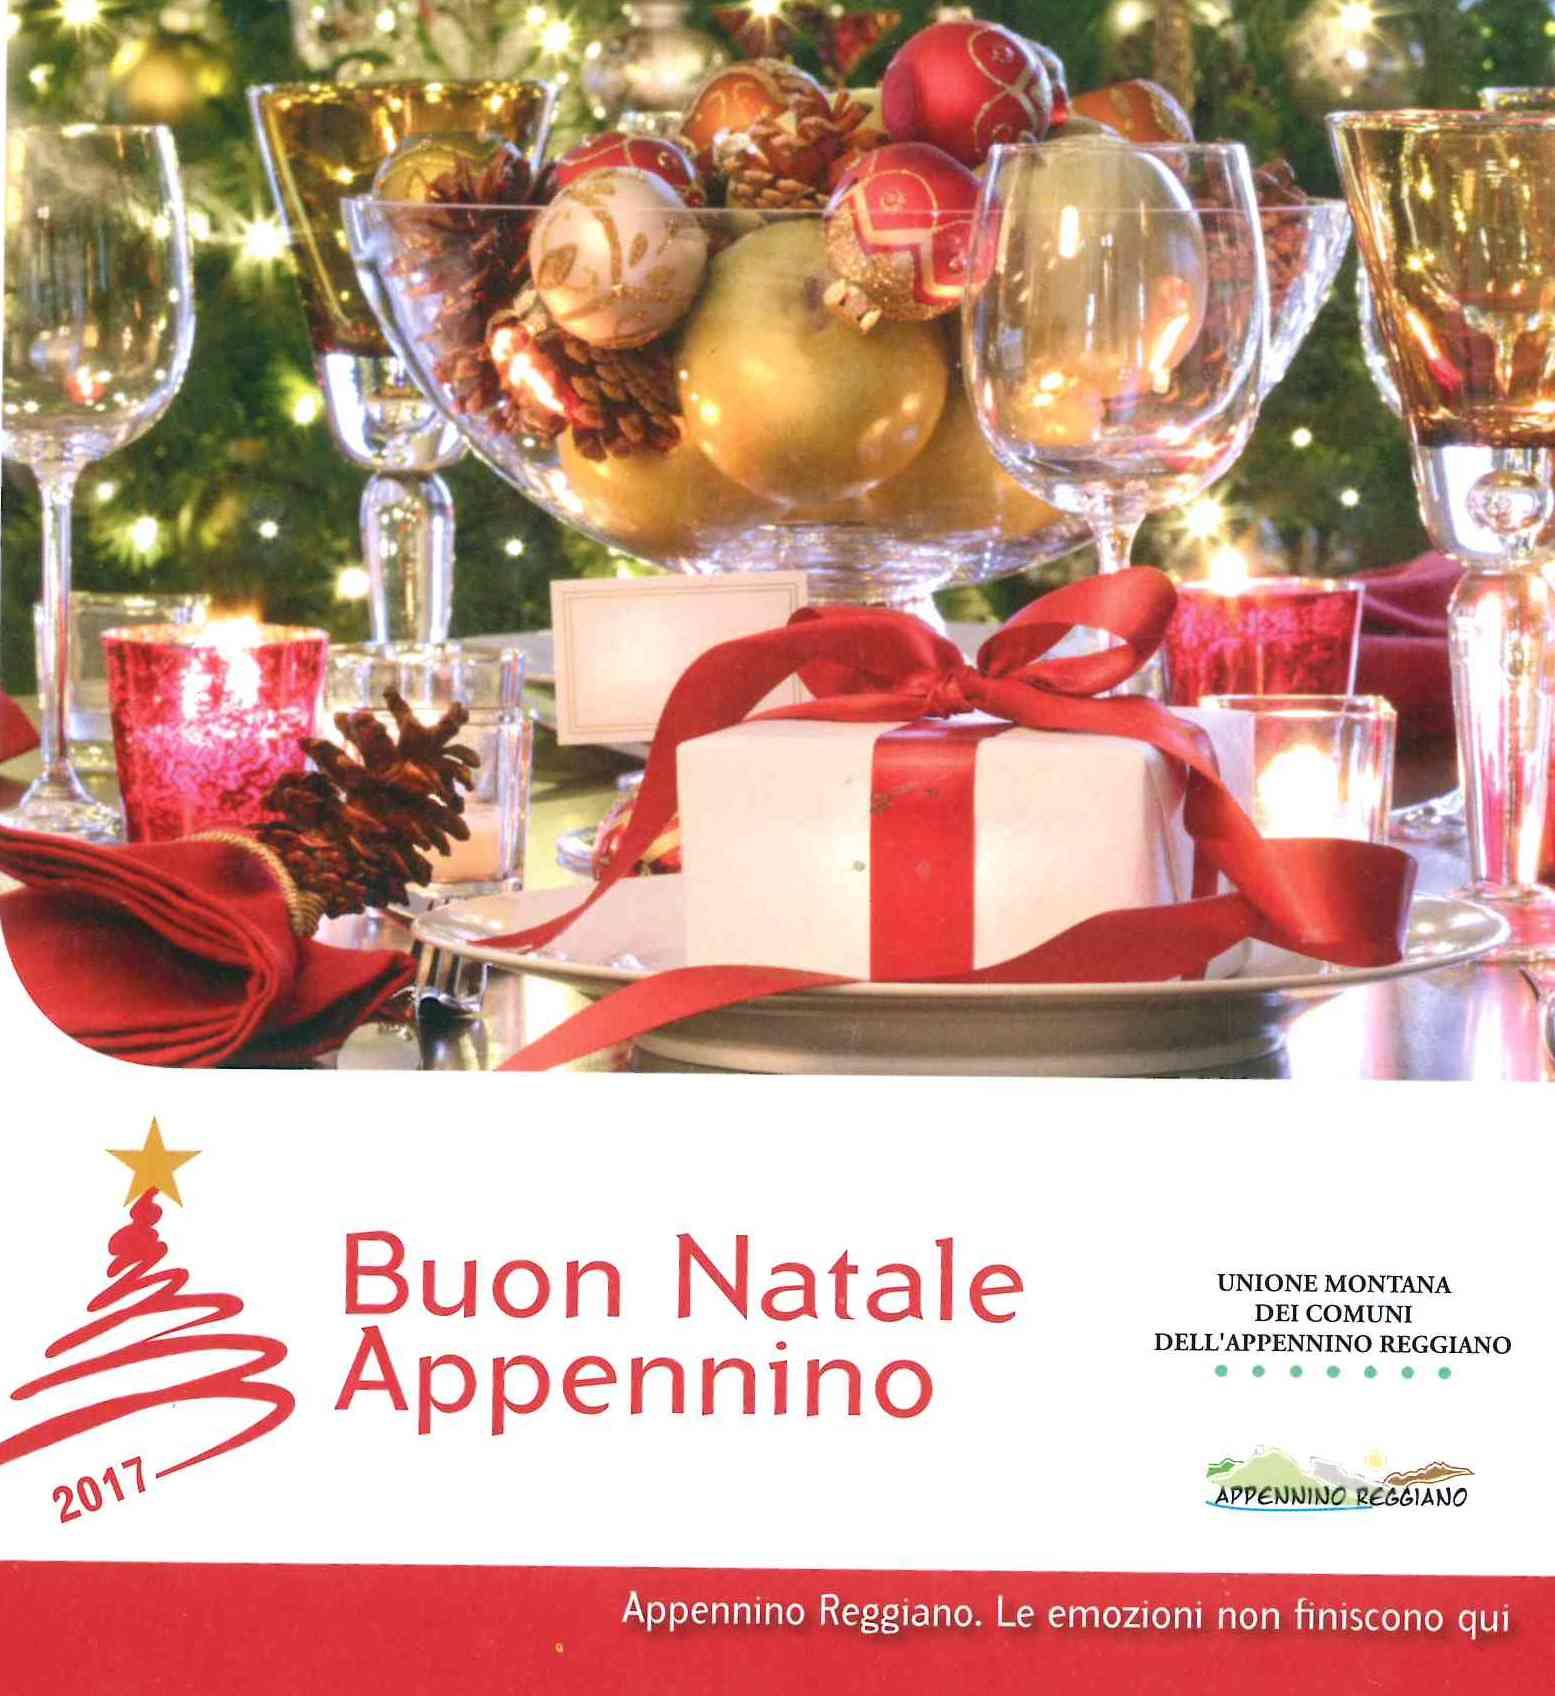 Buon Natale Ornament.Buon Natale Appennino 2017 La Via Dei Presepi Comune Di Ventasso